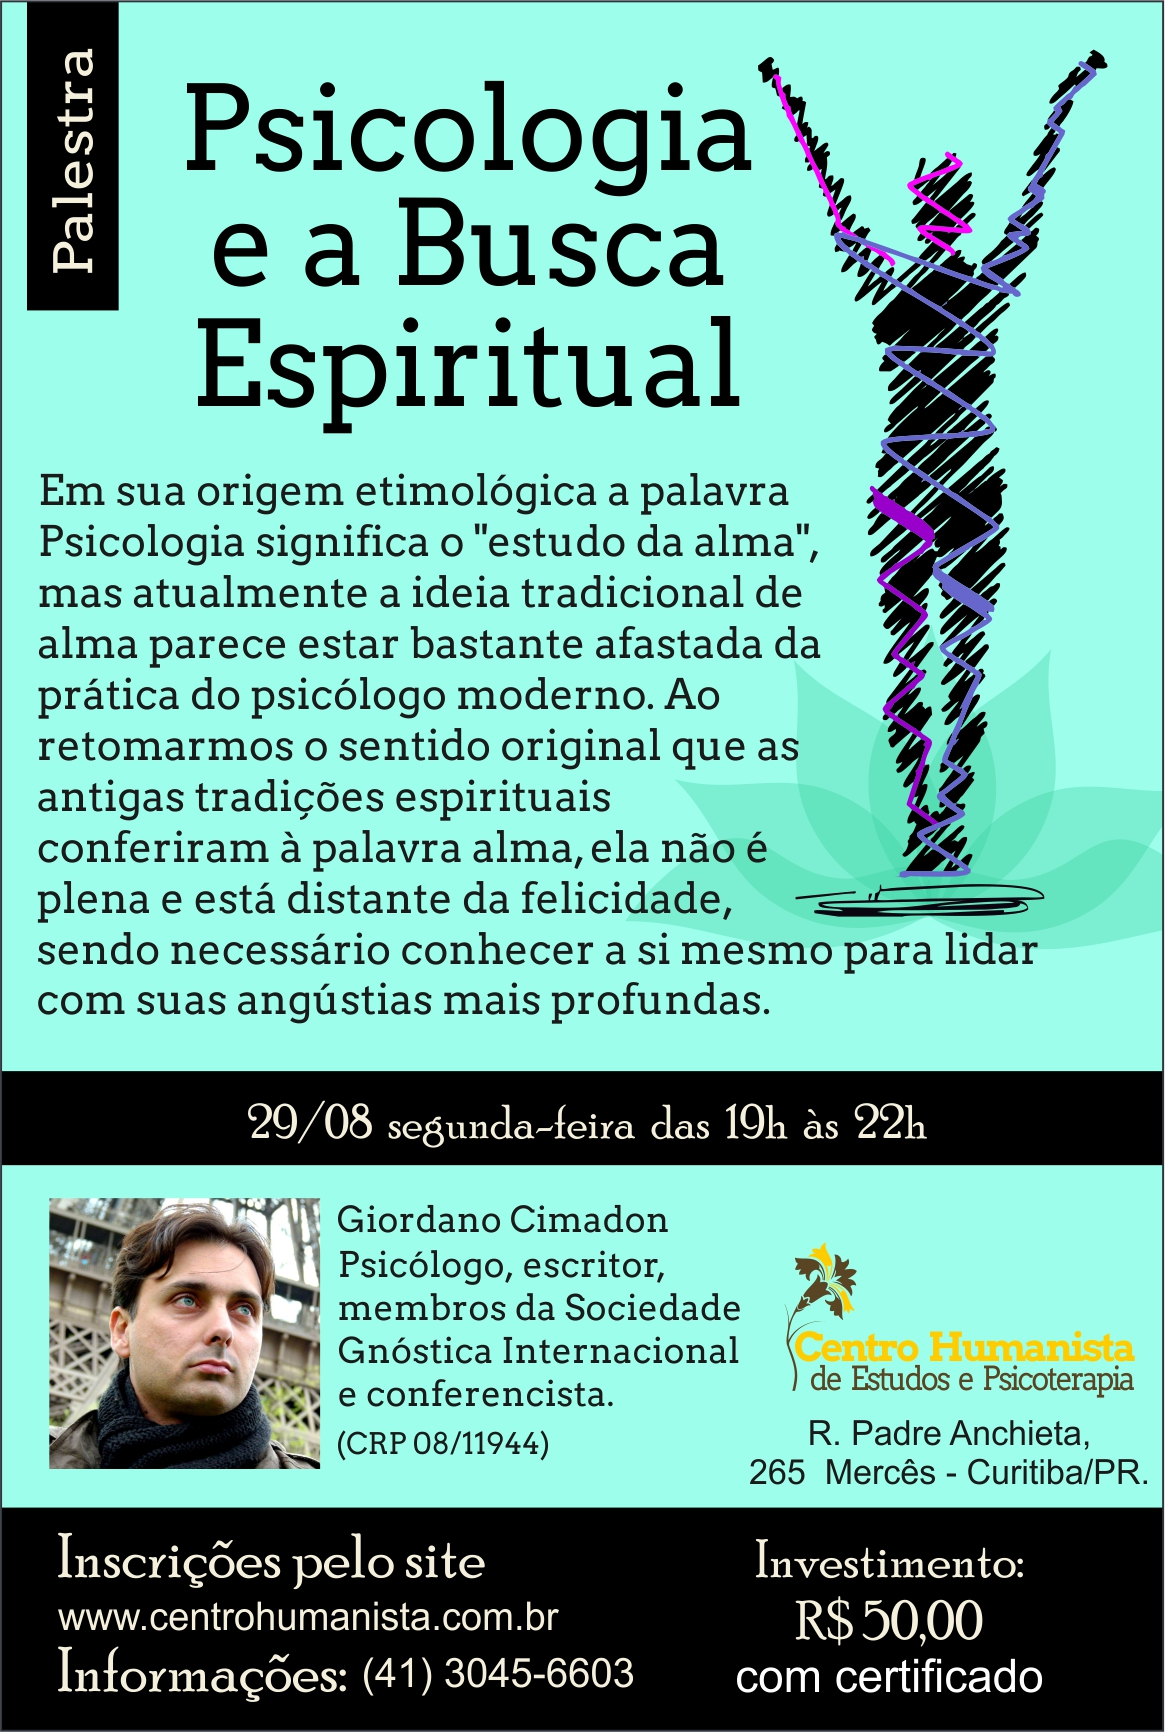 Psicologia e a Busca Espiritual - Curitiba PR